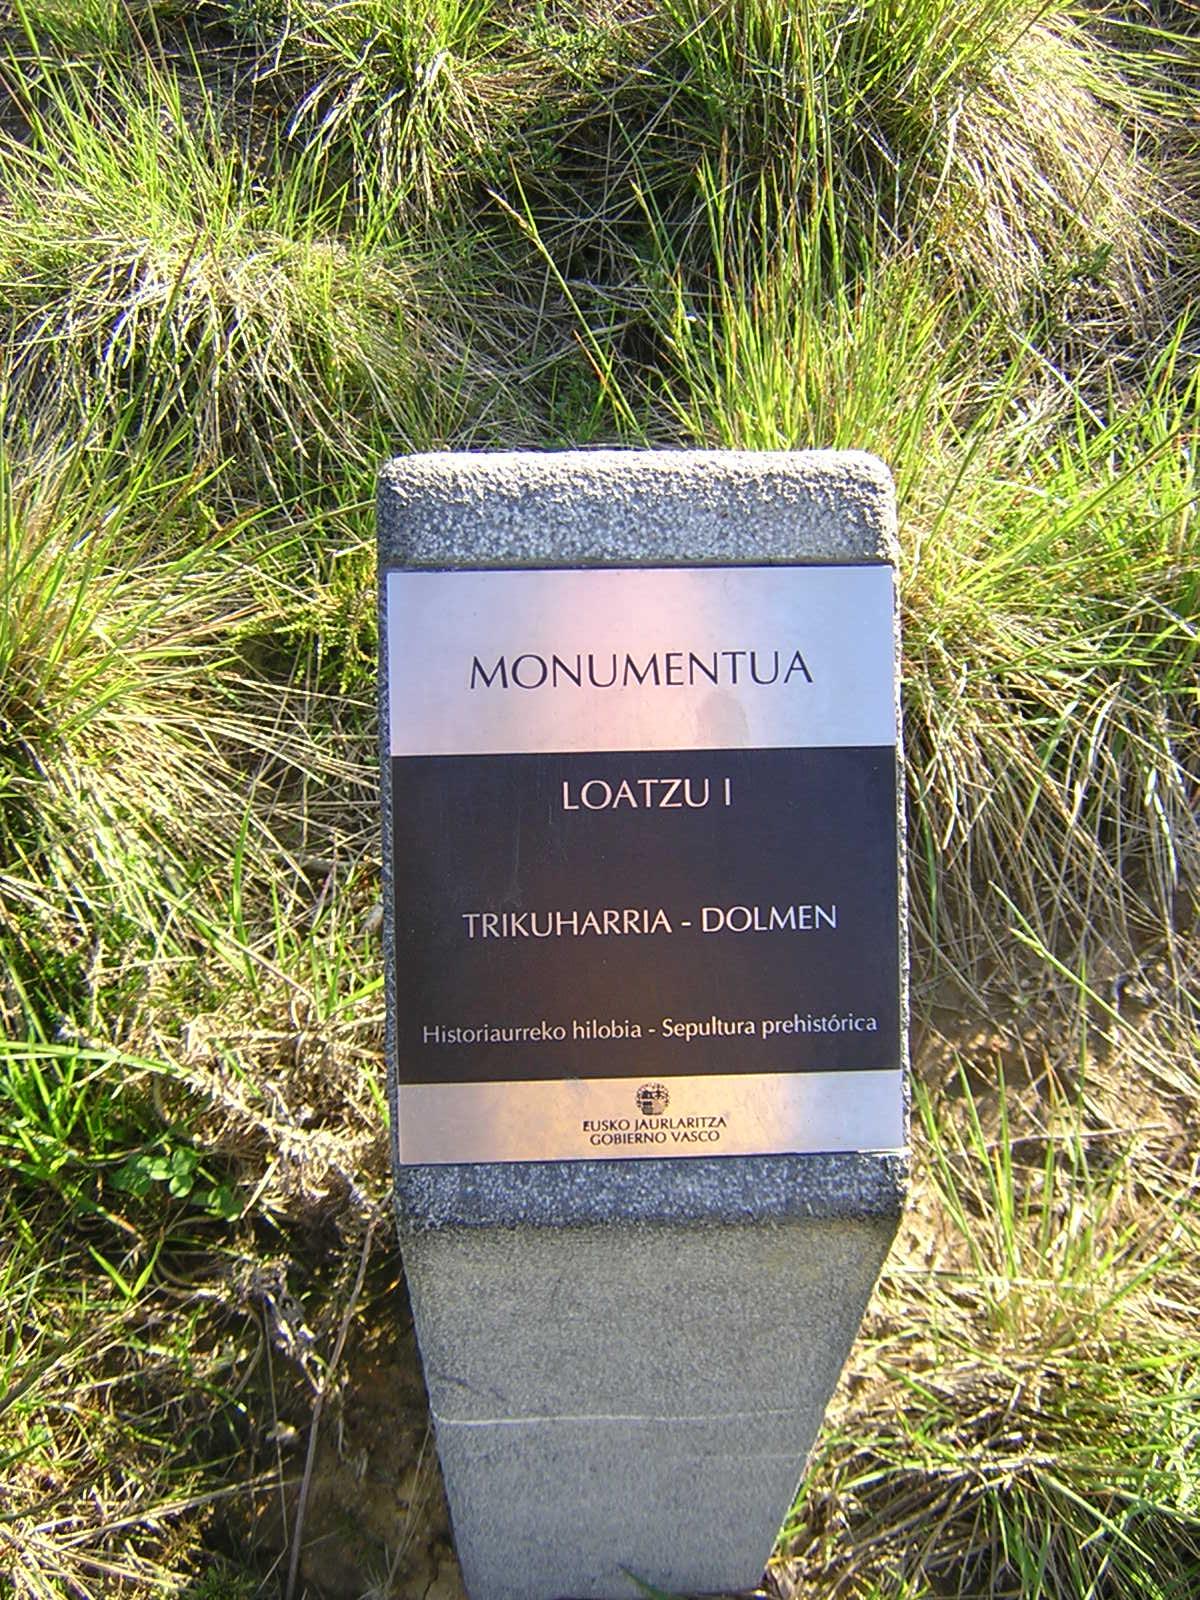 Dolmen Loatzu 1 Trikuharria